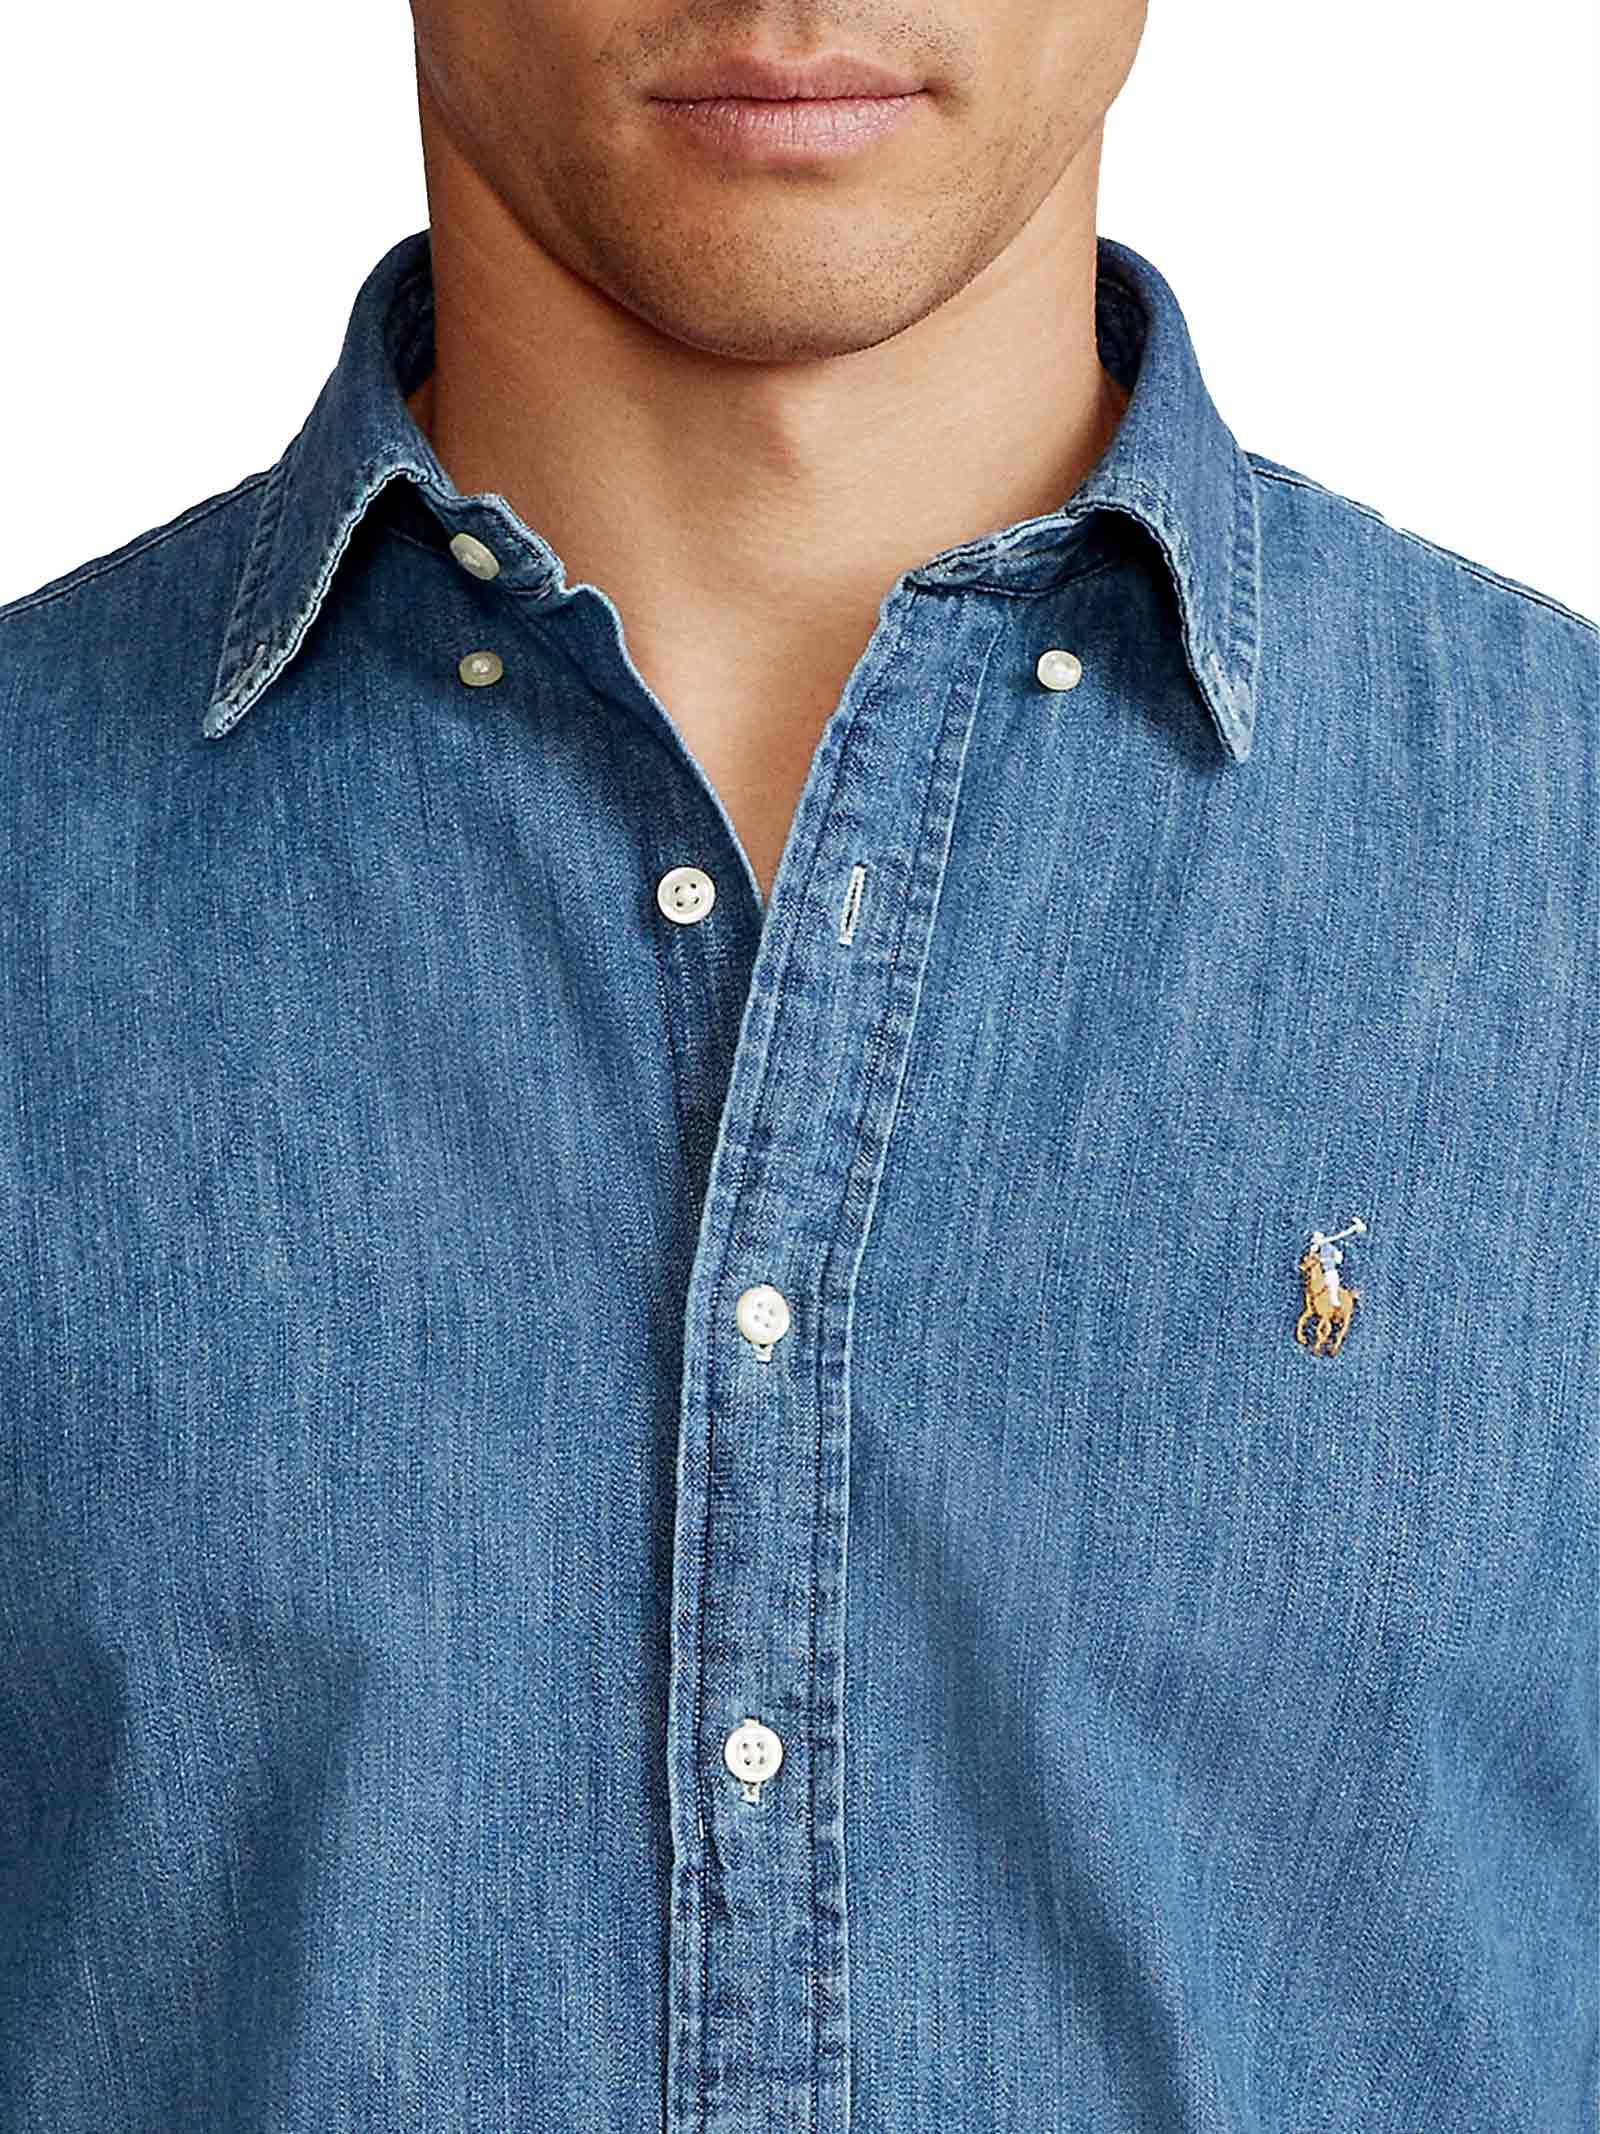 Camicia slim fit chambray RALPH LAUREN | Camicia | 710-548539001